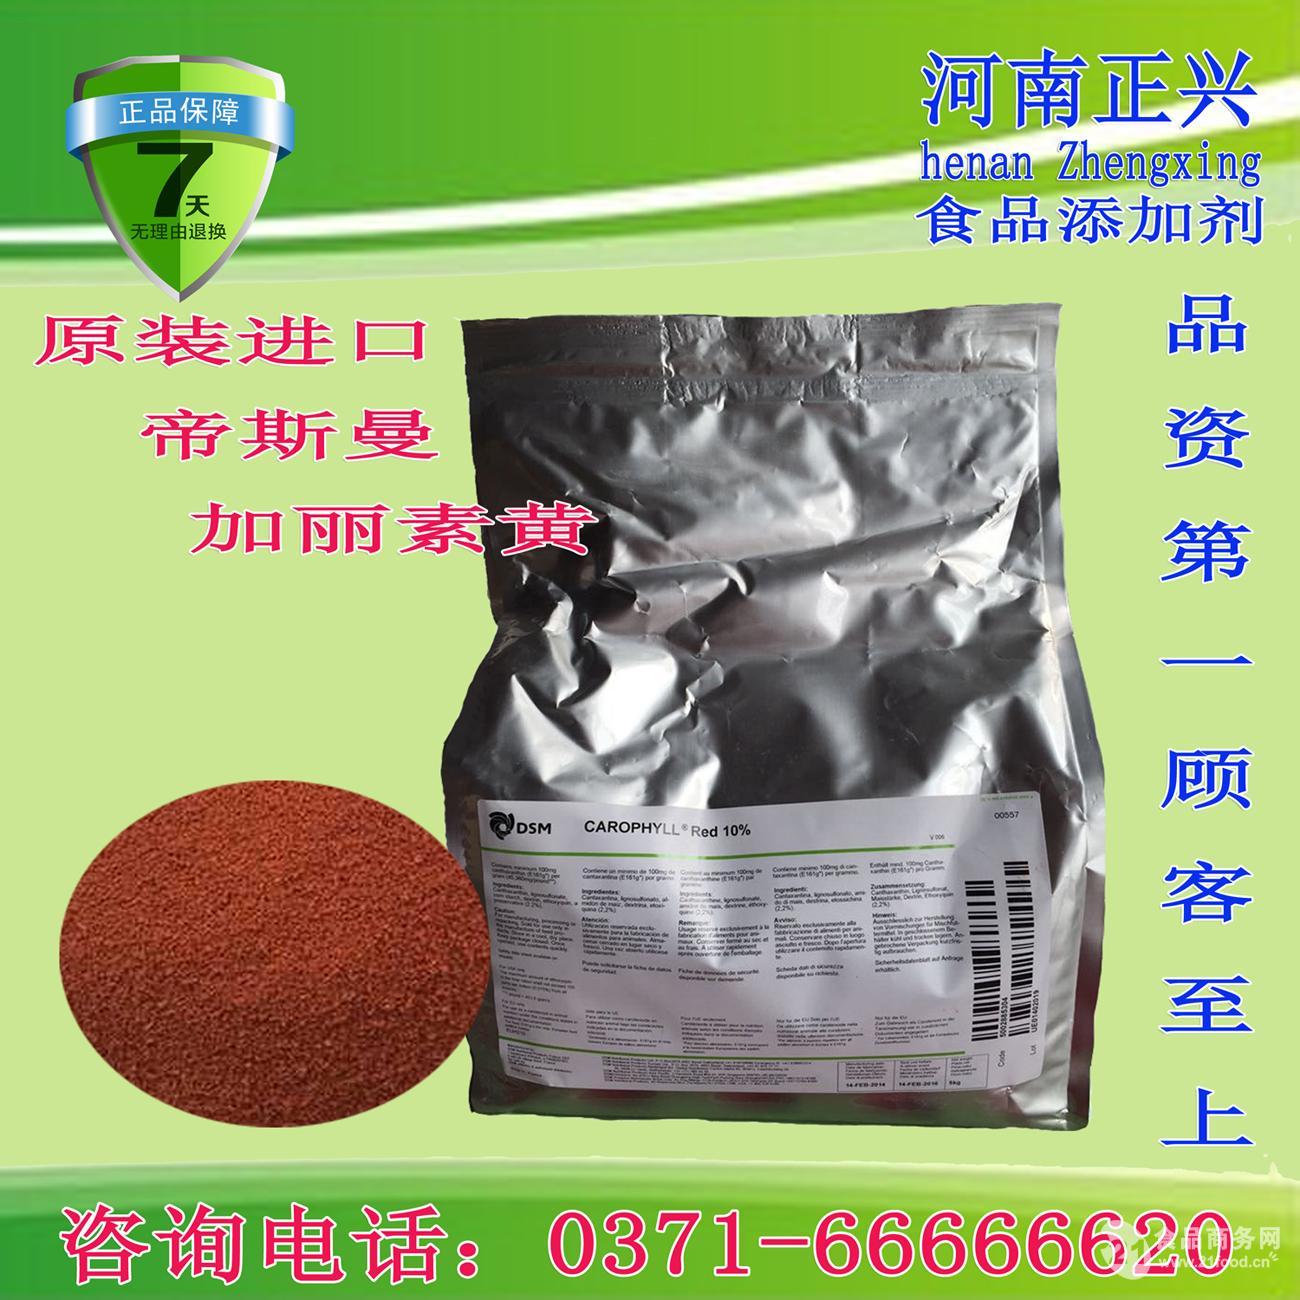 专业供应 天然 DSM 帝斯曼 加丽素黄 10% 养鸡鸭鱼虾专用